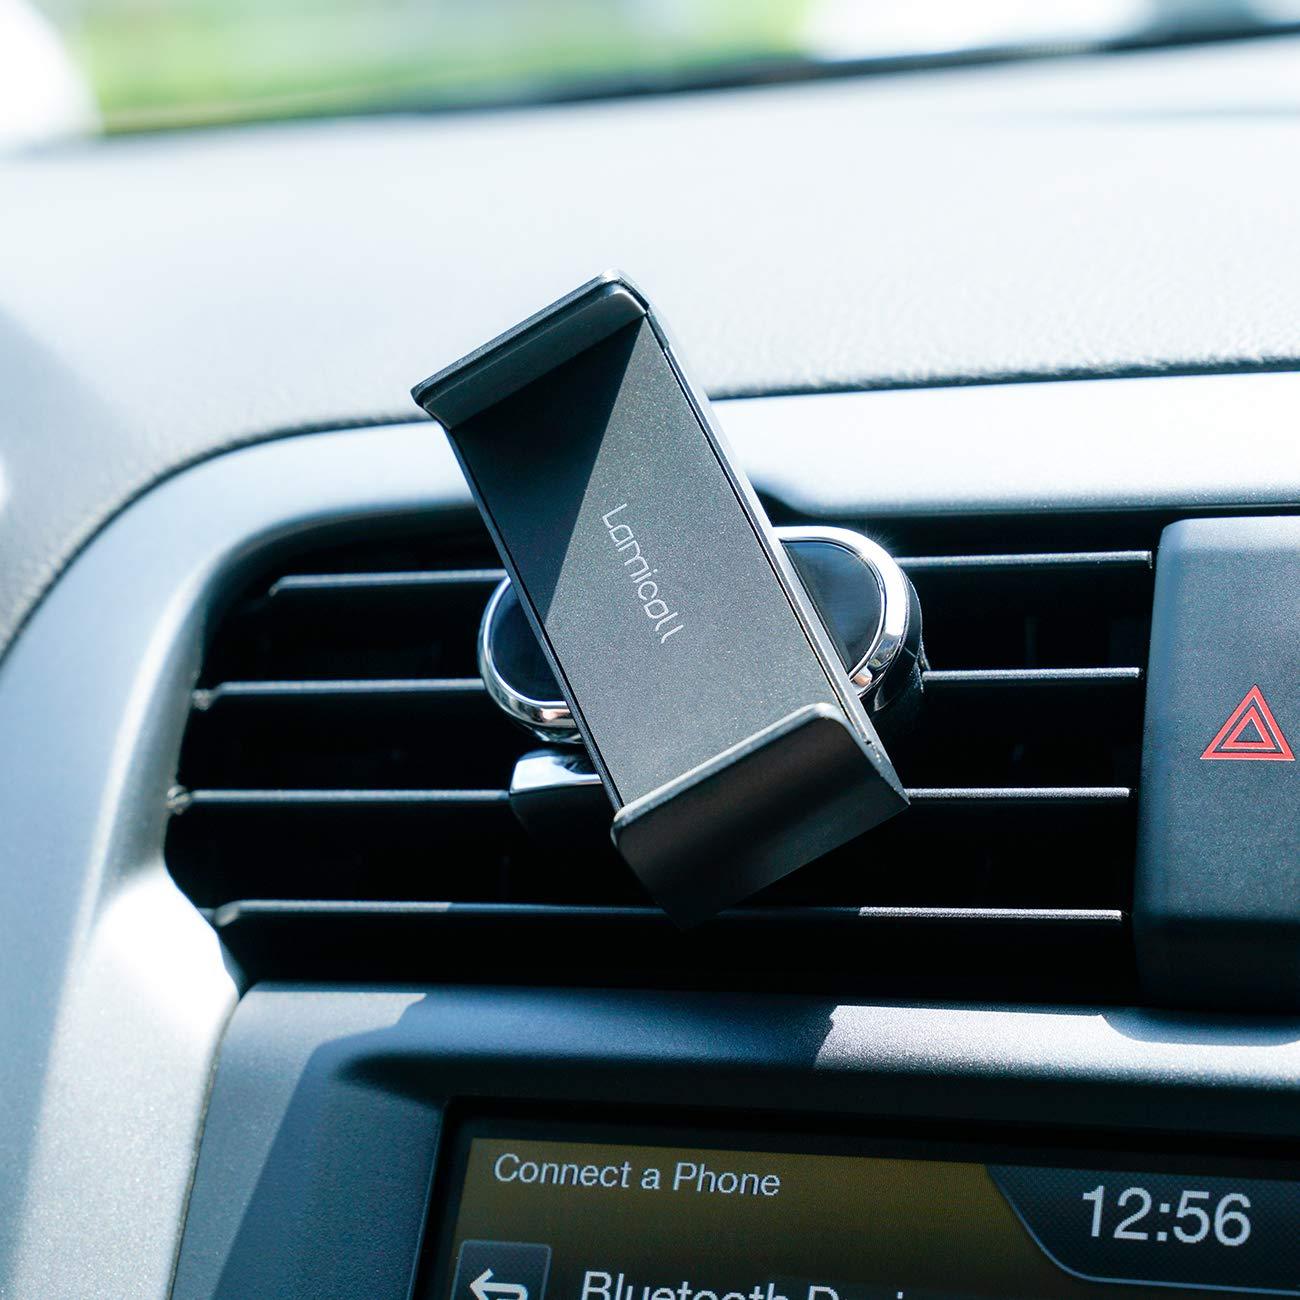 Huawei Universale Supporto Telefono : Rotazione 360 Gradi Supporto per Phone XS Max XR X 8 7 6 Plus Google Lamicall Supporto Cellulare Auto Huawei Nero Altri Smartphones Samsung S8 S7